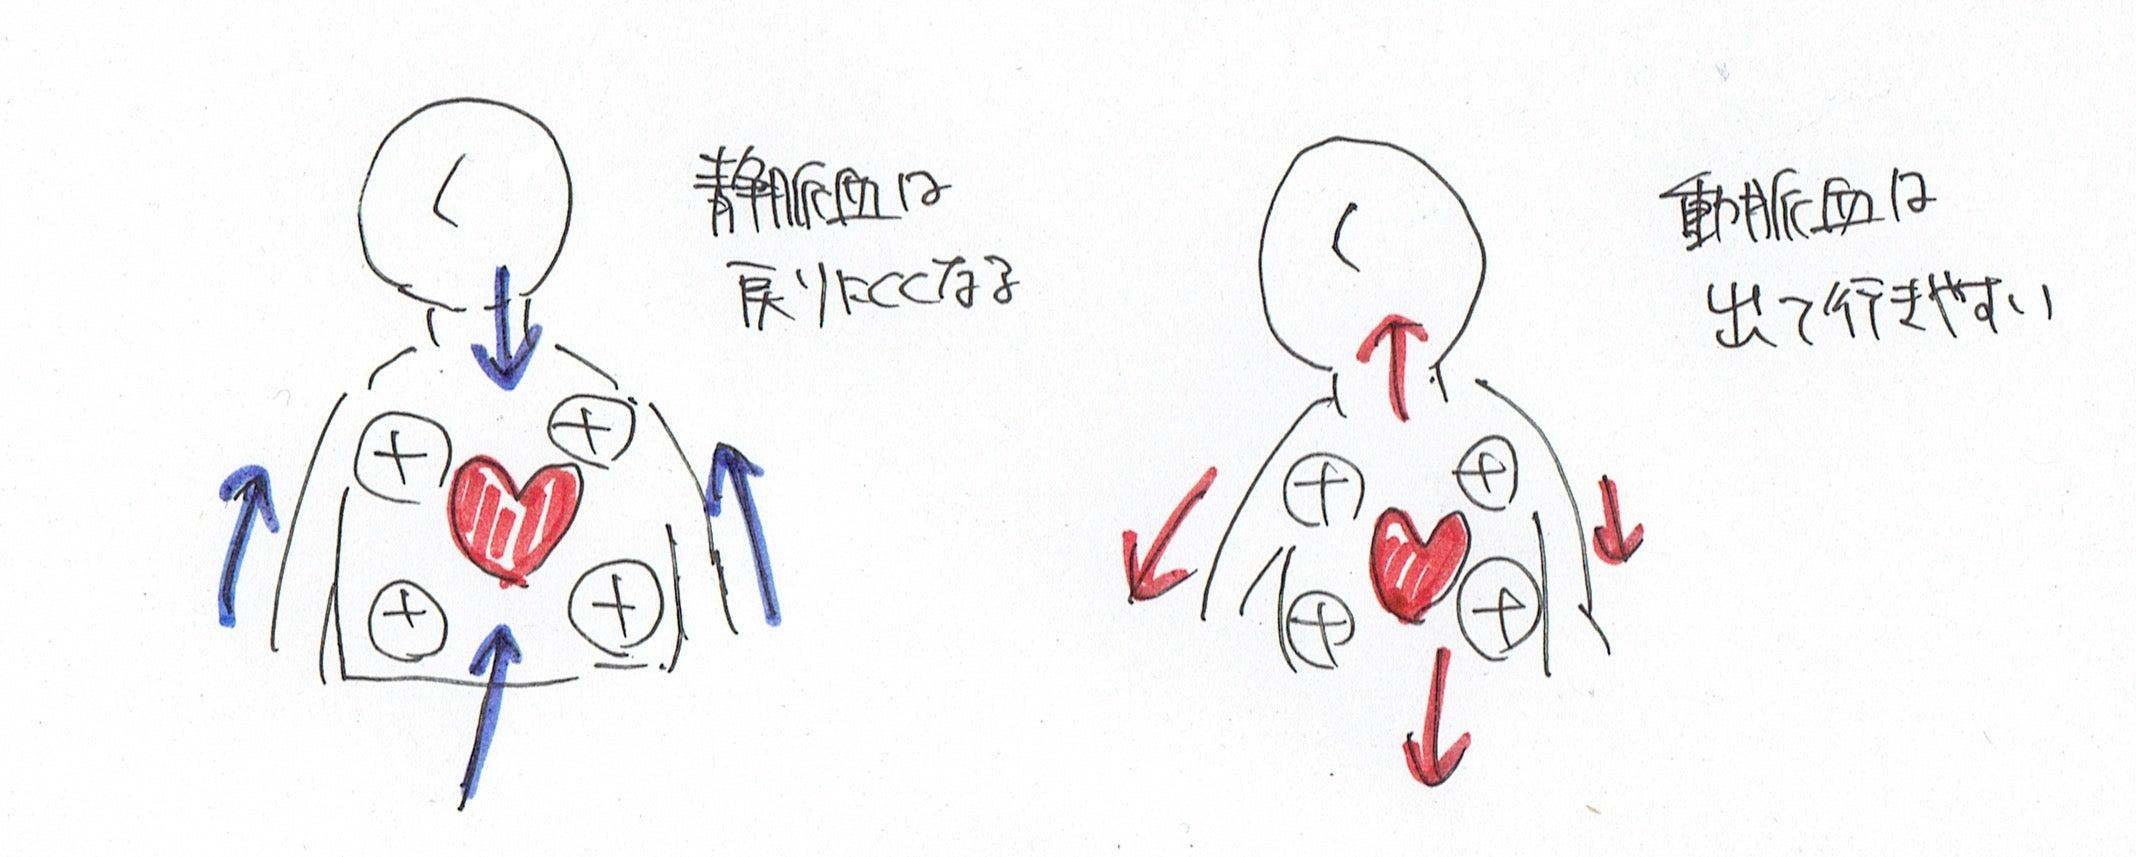 ファロー 四 徴 症 覚え 方